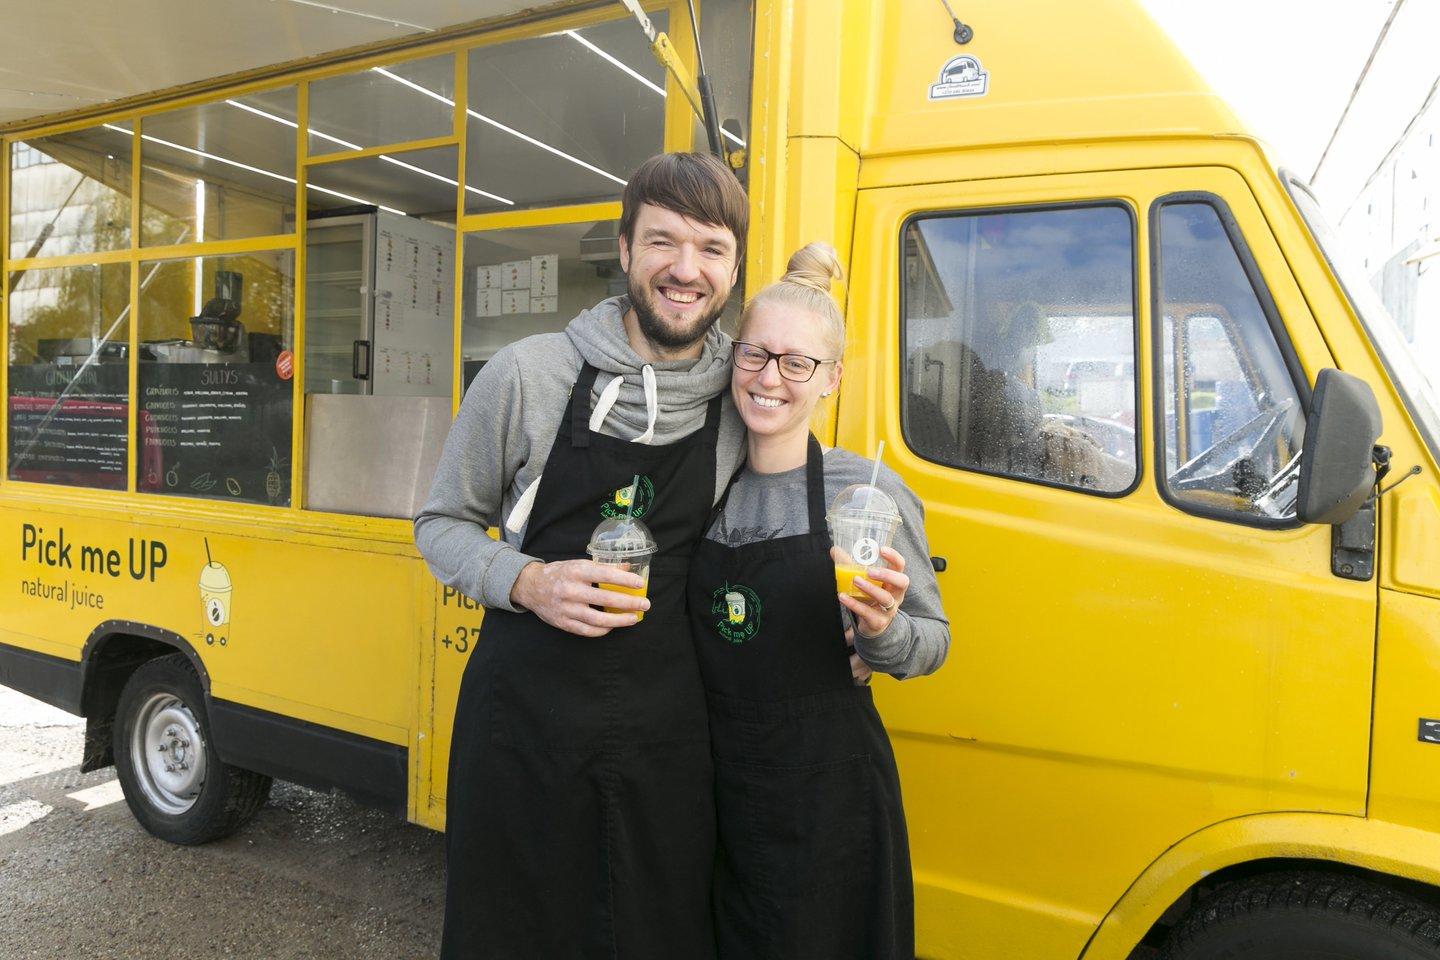 """Svetlana Lebedeva, kartu su vyru Gyčiu Simanavičiumi, įkūrė veganiško maisto autobusiuką """"Pick me Up Juice"""".<br>T.Bauro nuotr."""